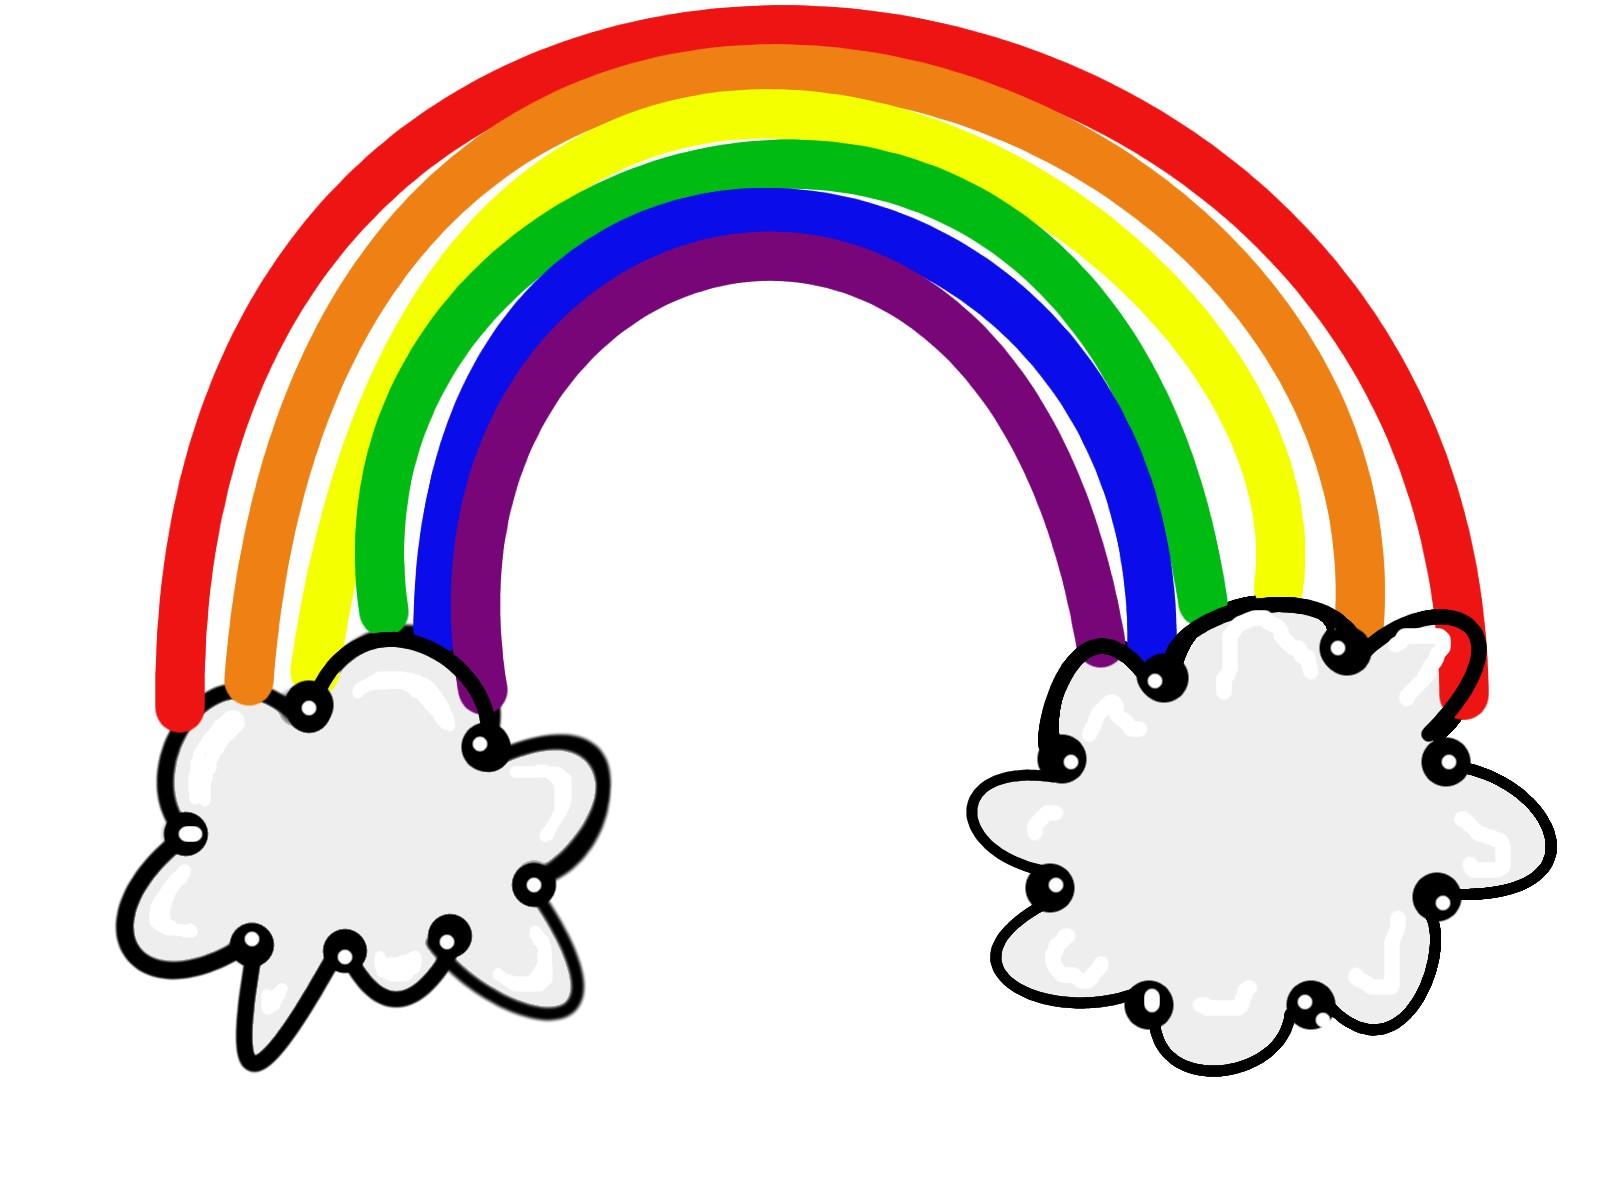 rainbow clipart border - Clipground